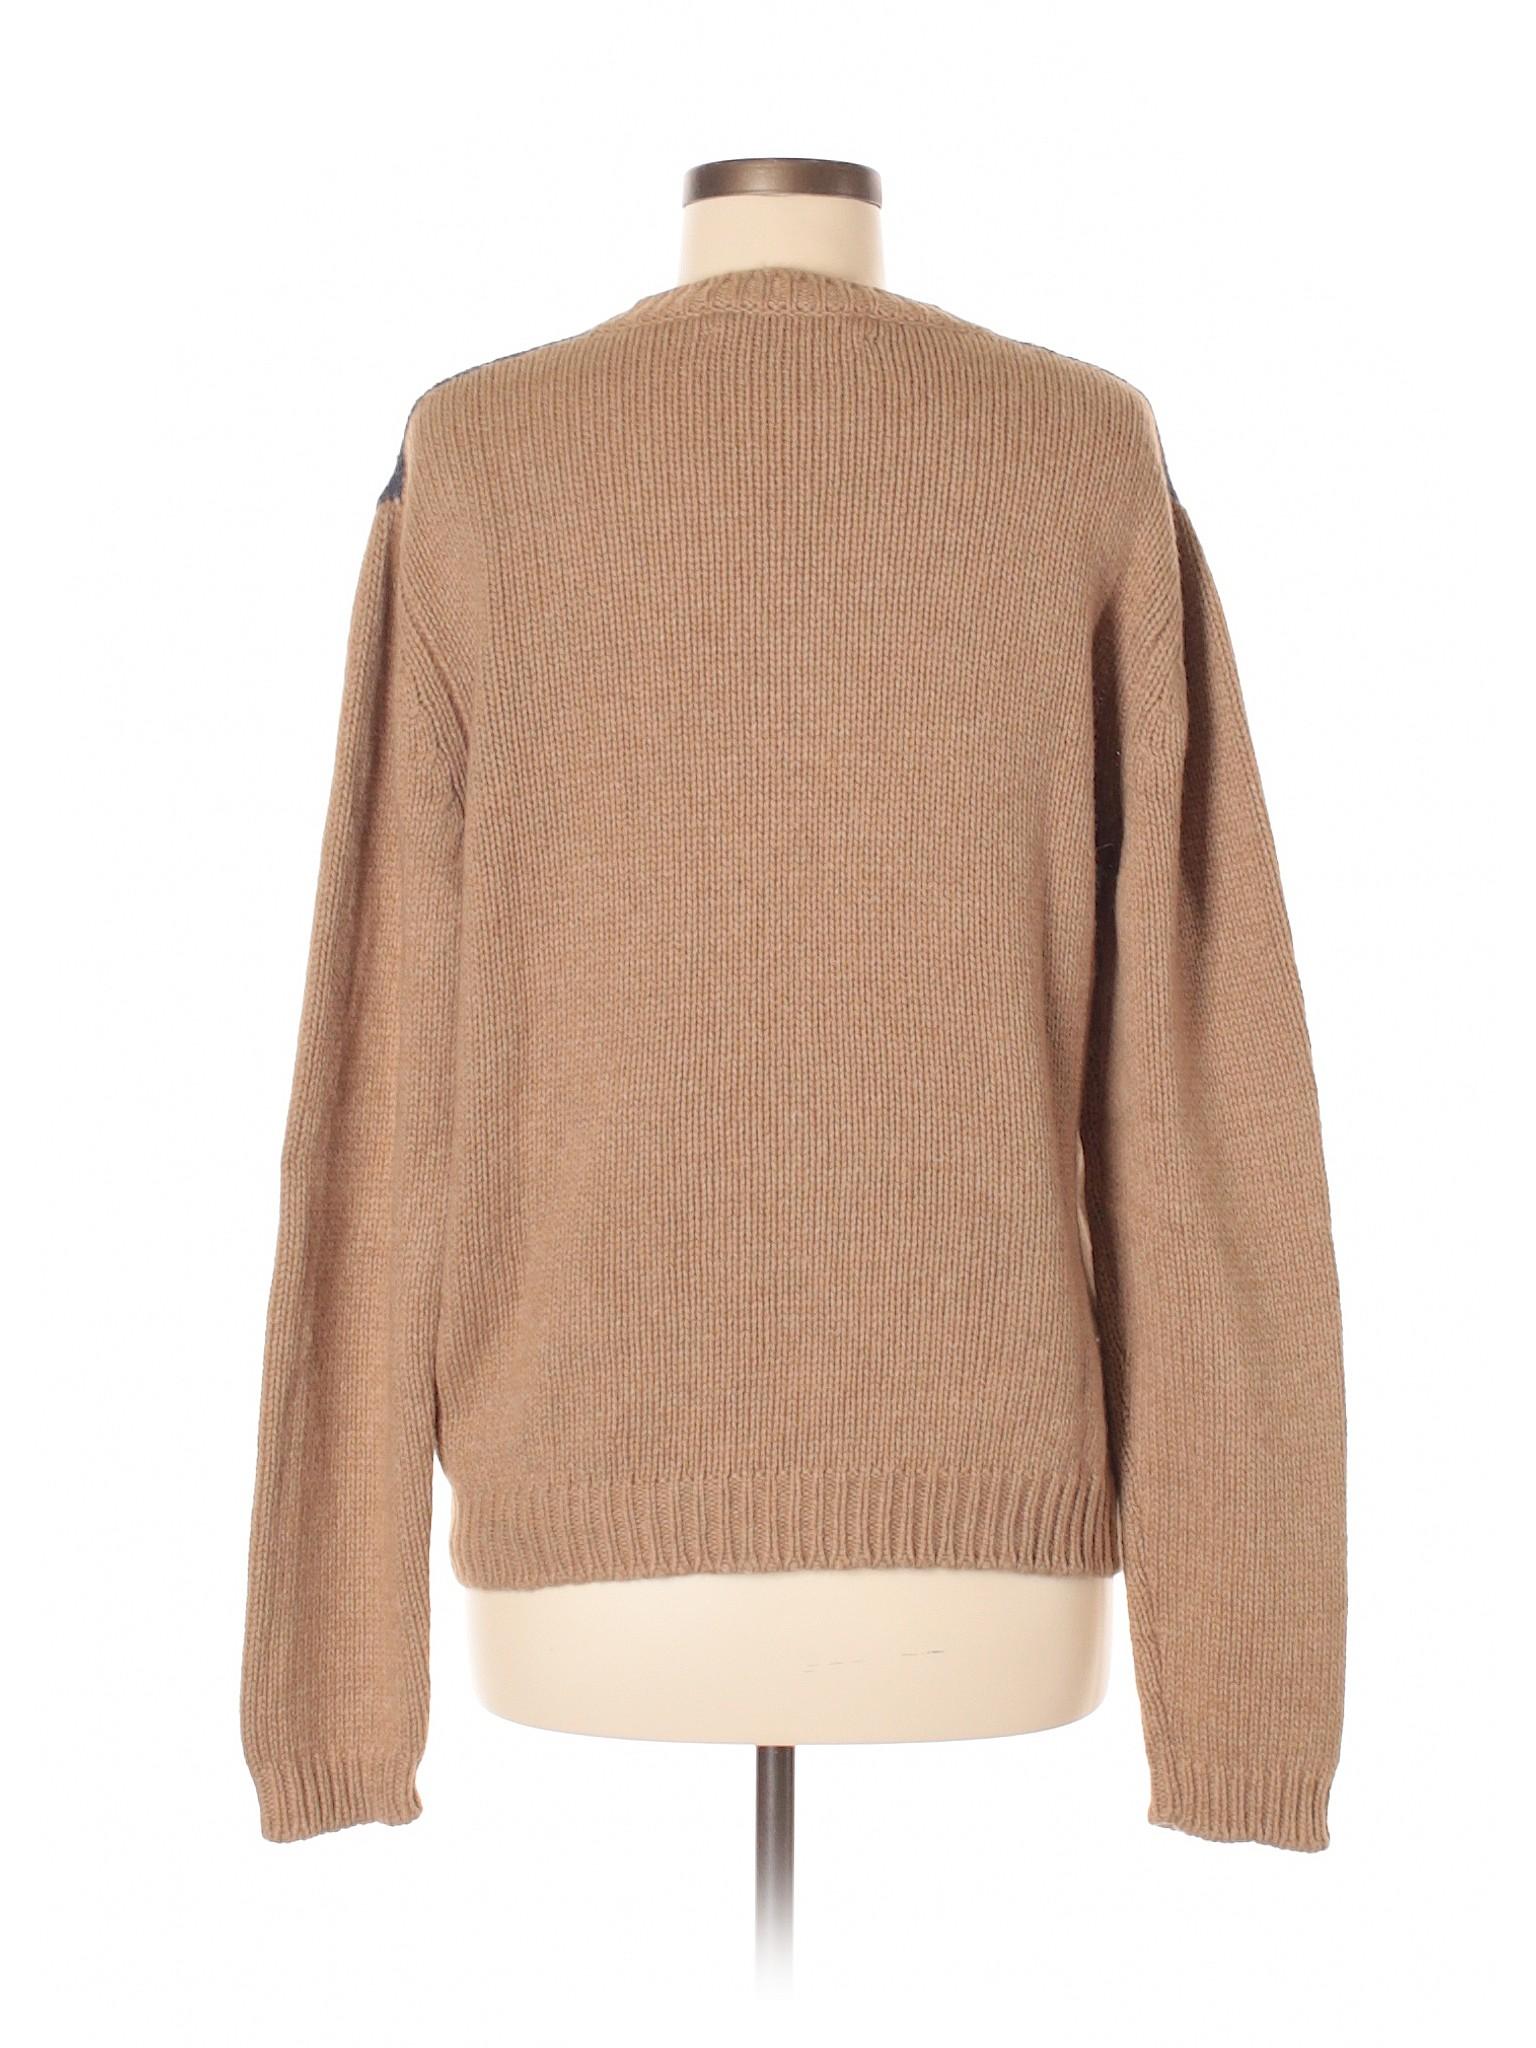 Boutique winter Boutique MARNI Pullover MARNI Sweater winter Pullover fq4wngwBT6